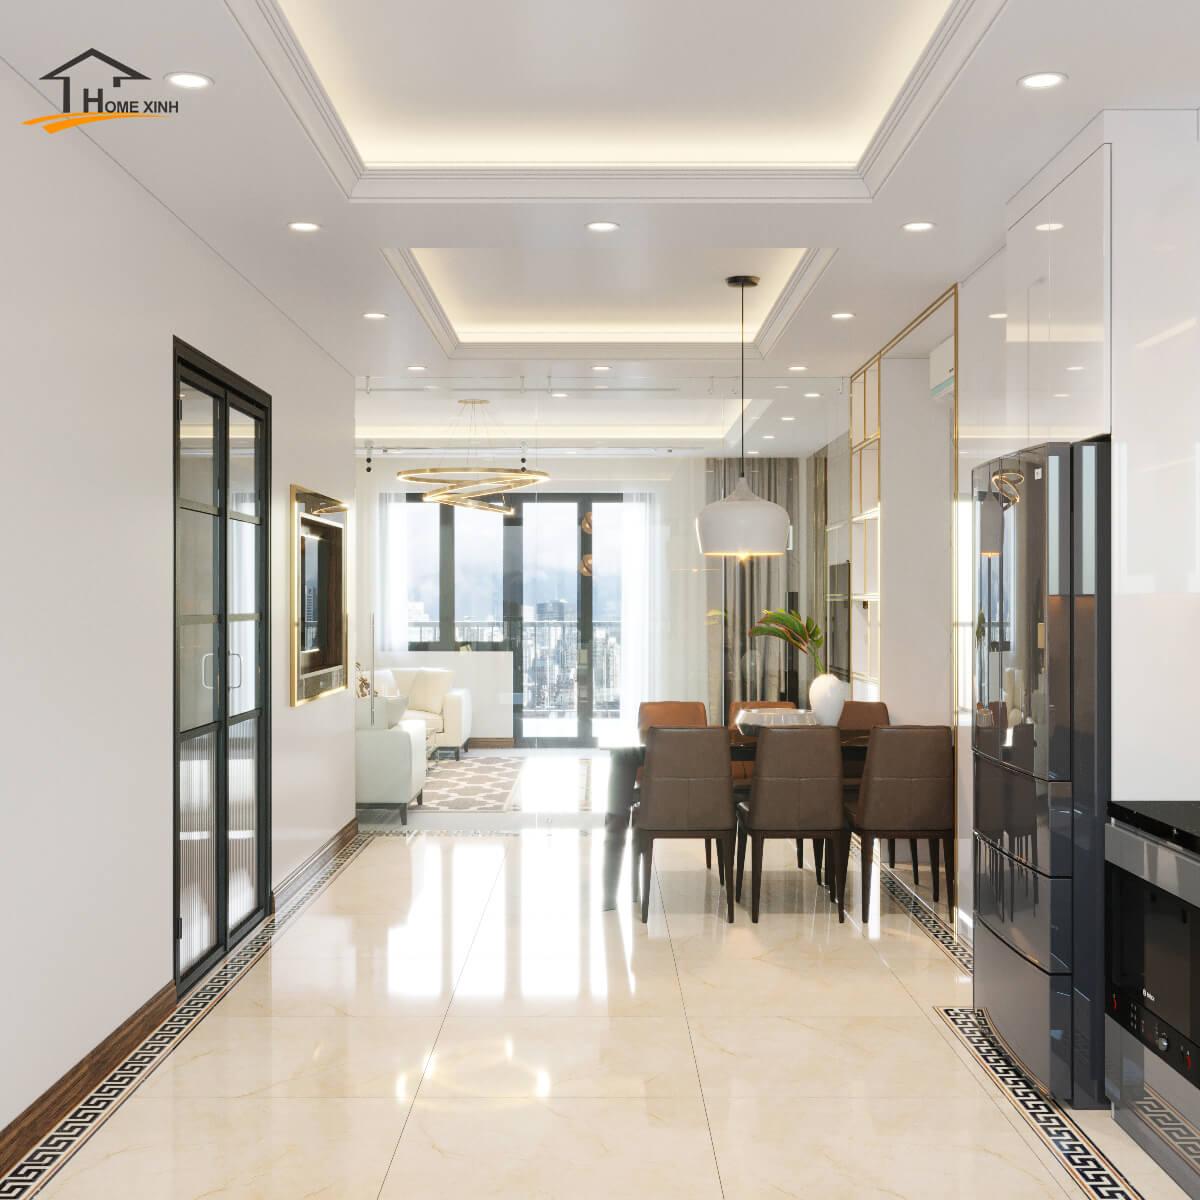 Ưu điểm khi thiết kế nội thất phòng khách liền bếp